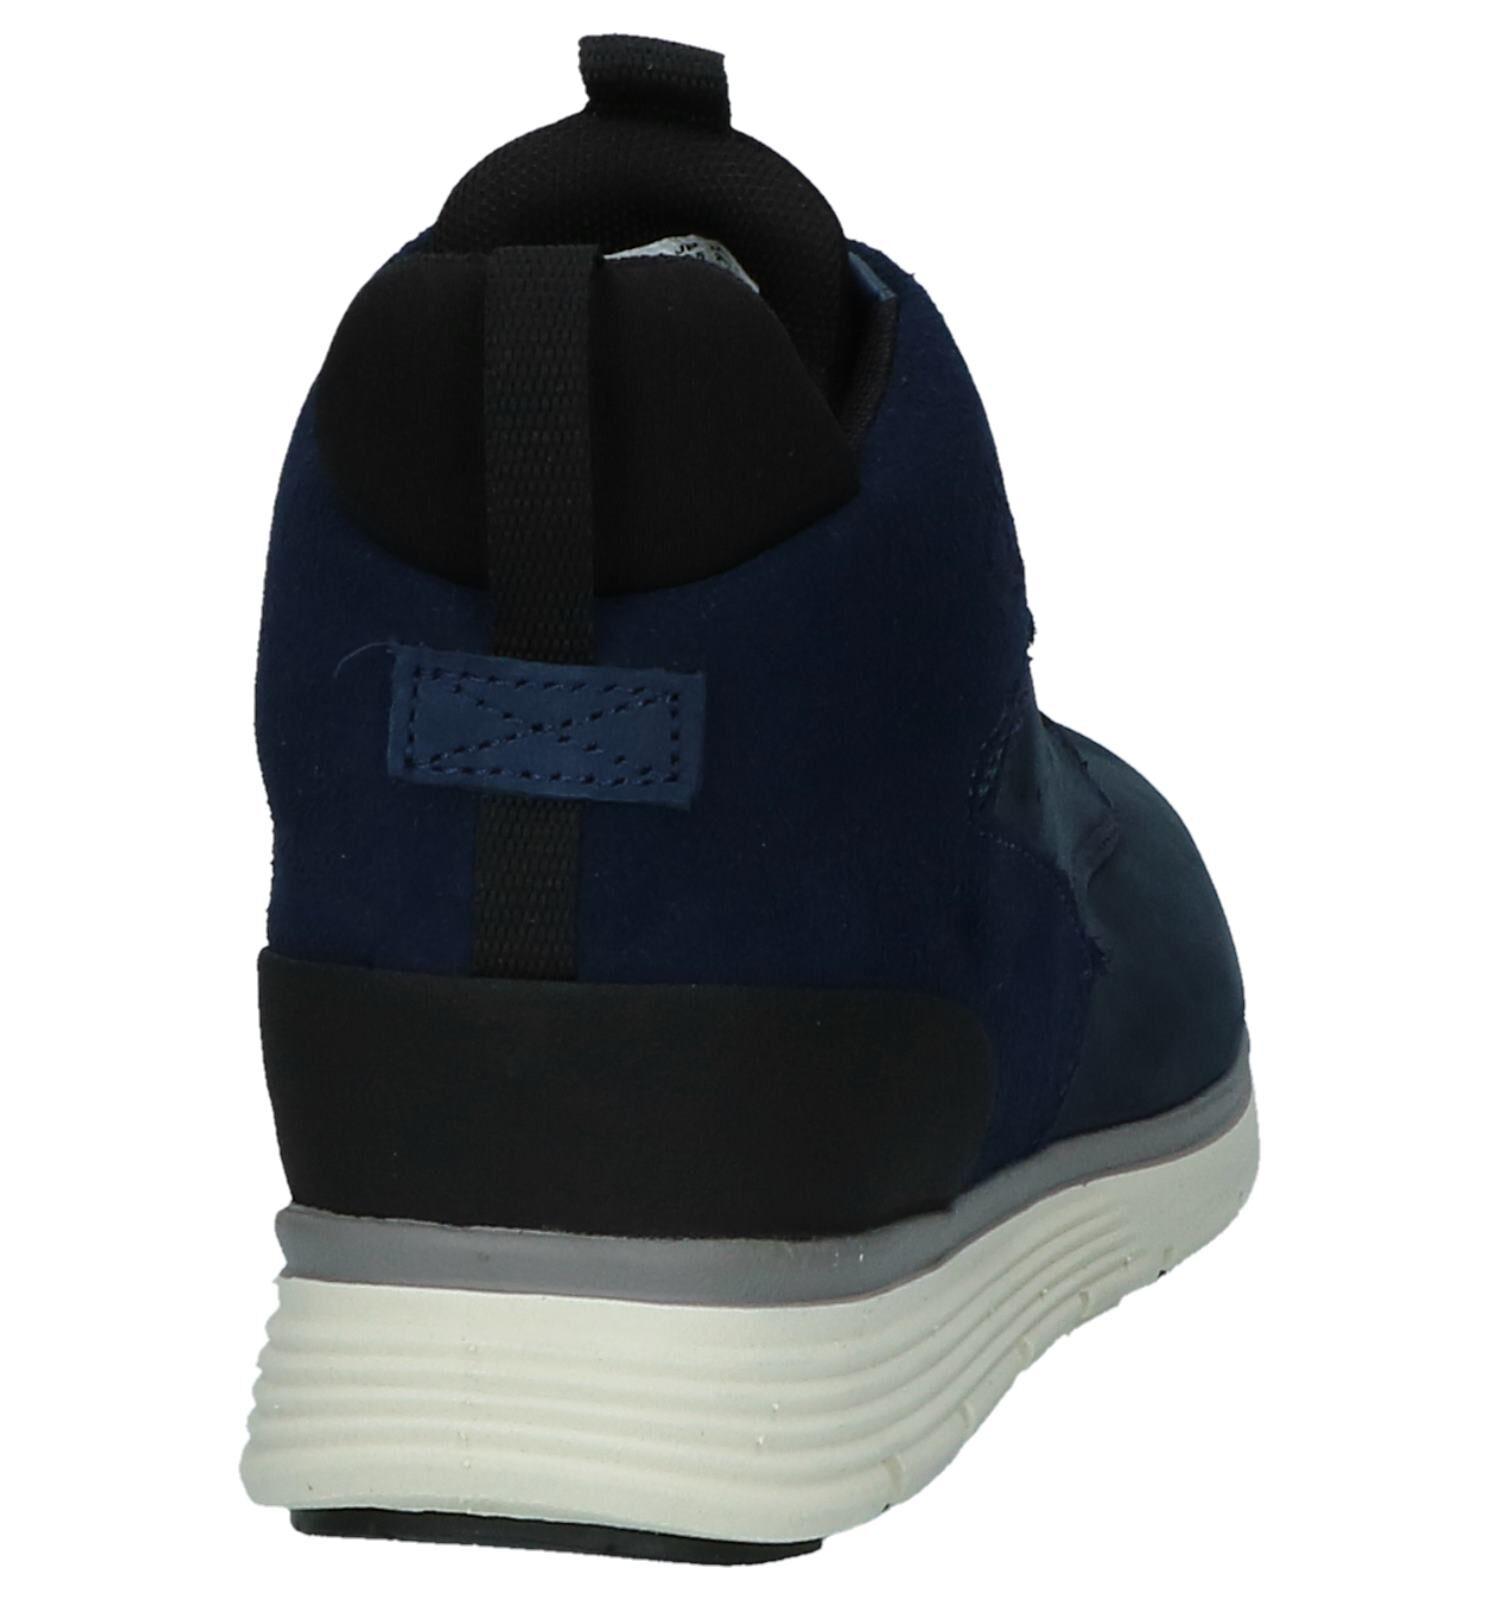 be Foncé Chaussures Hautes Torfs Et Livraison bleu Timberland XdAtwWqq